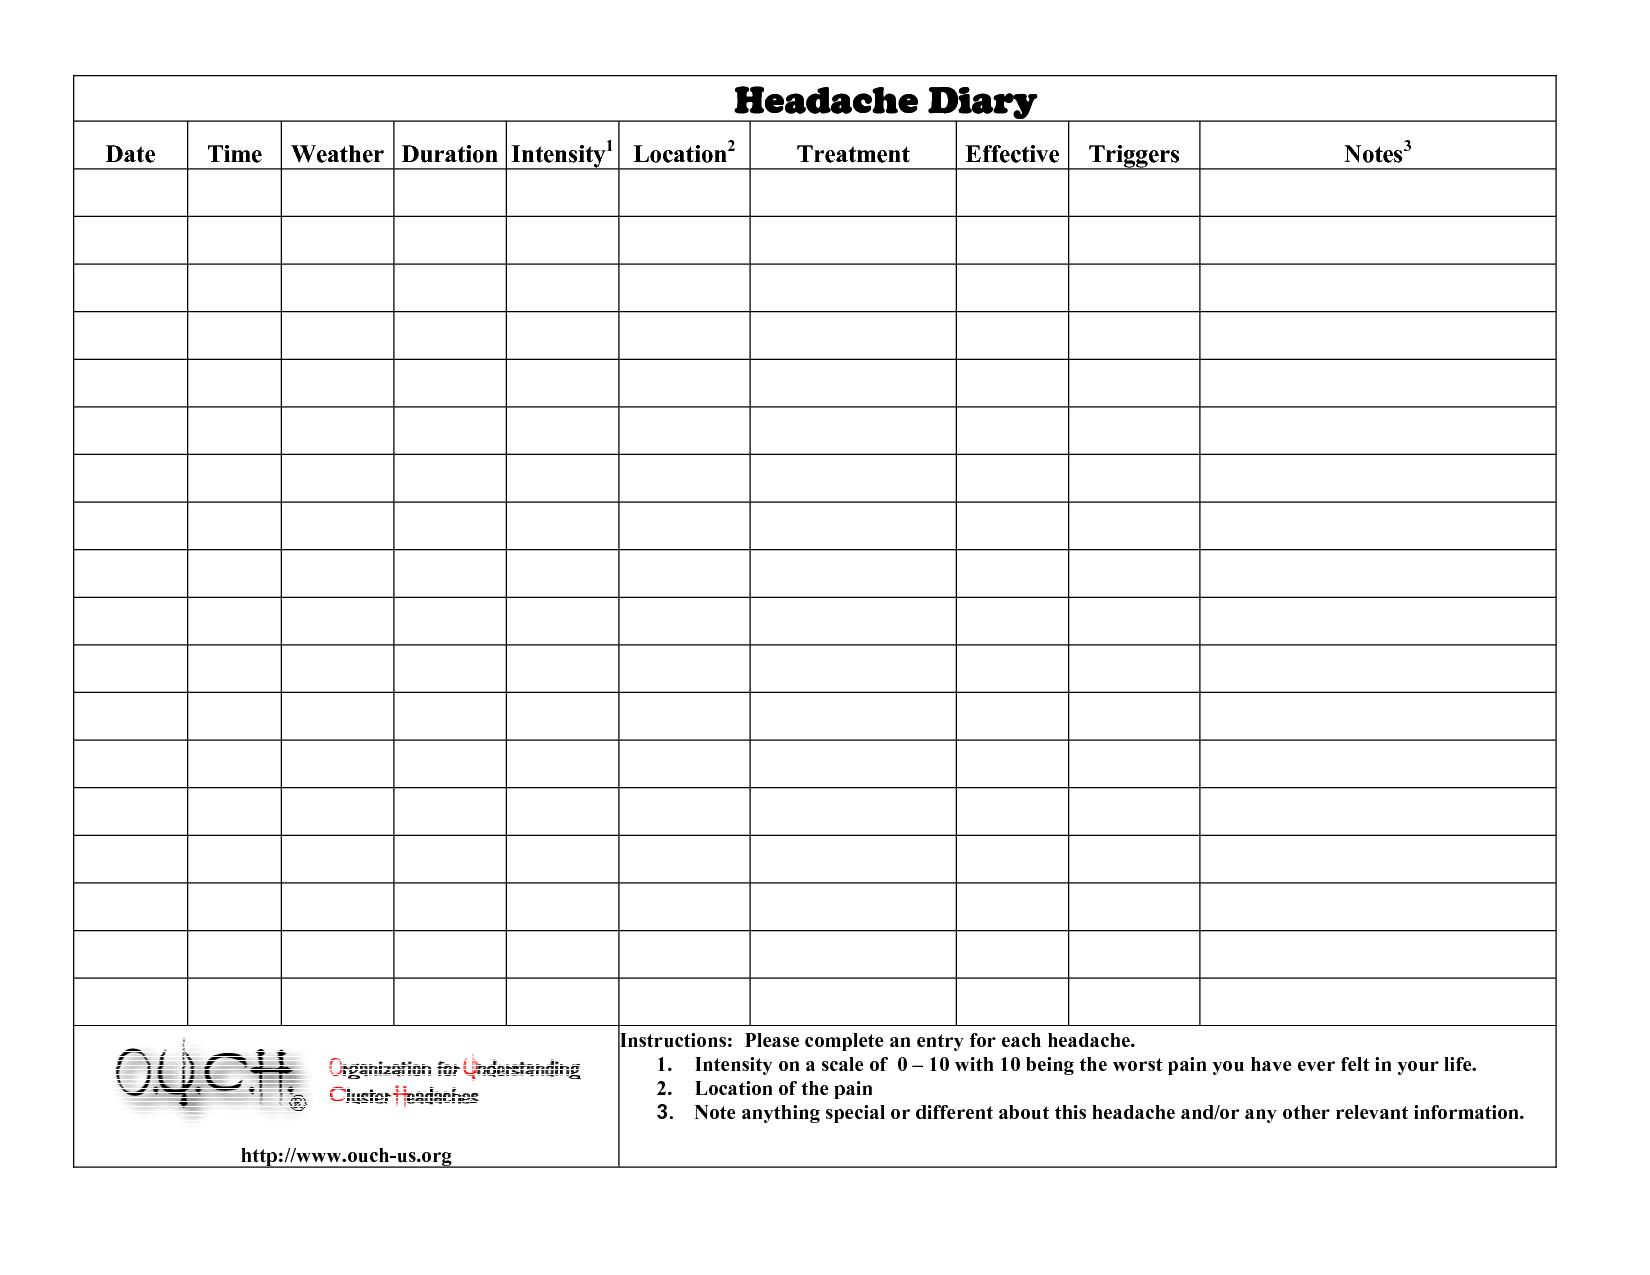 Headache Diary Headache Diary | Health | Pinterest | Headache Diary - Free Printable Headache Diary